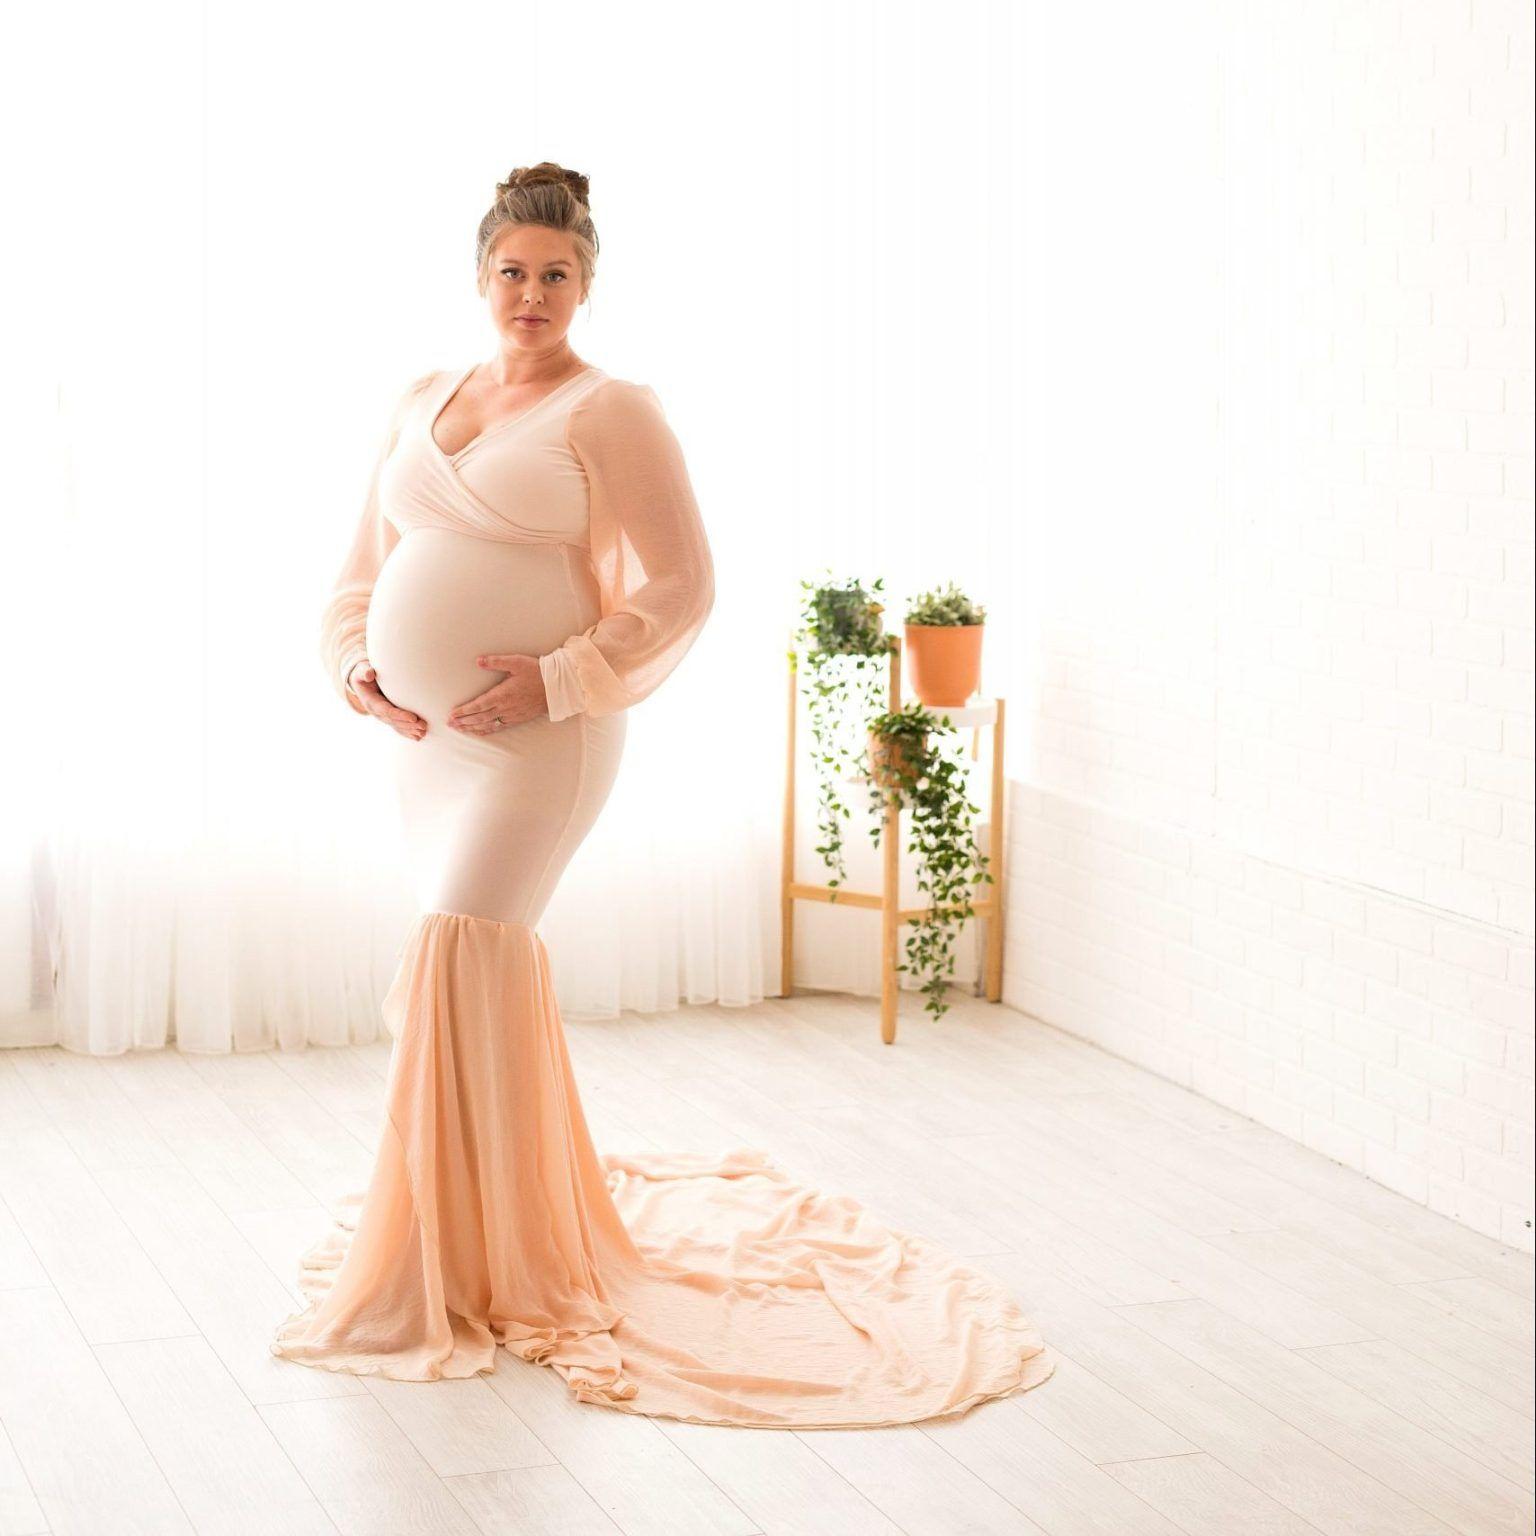 Jersey chiffon Maternity bodysuitMaternity dress for Photo shootmaternity onesieBodysuitburgundy dressmaternity setmaternity skirt